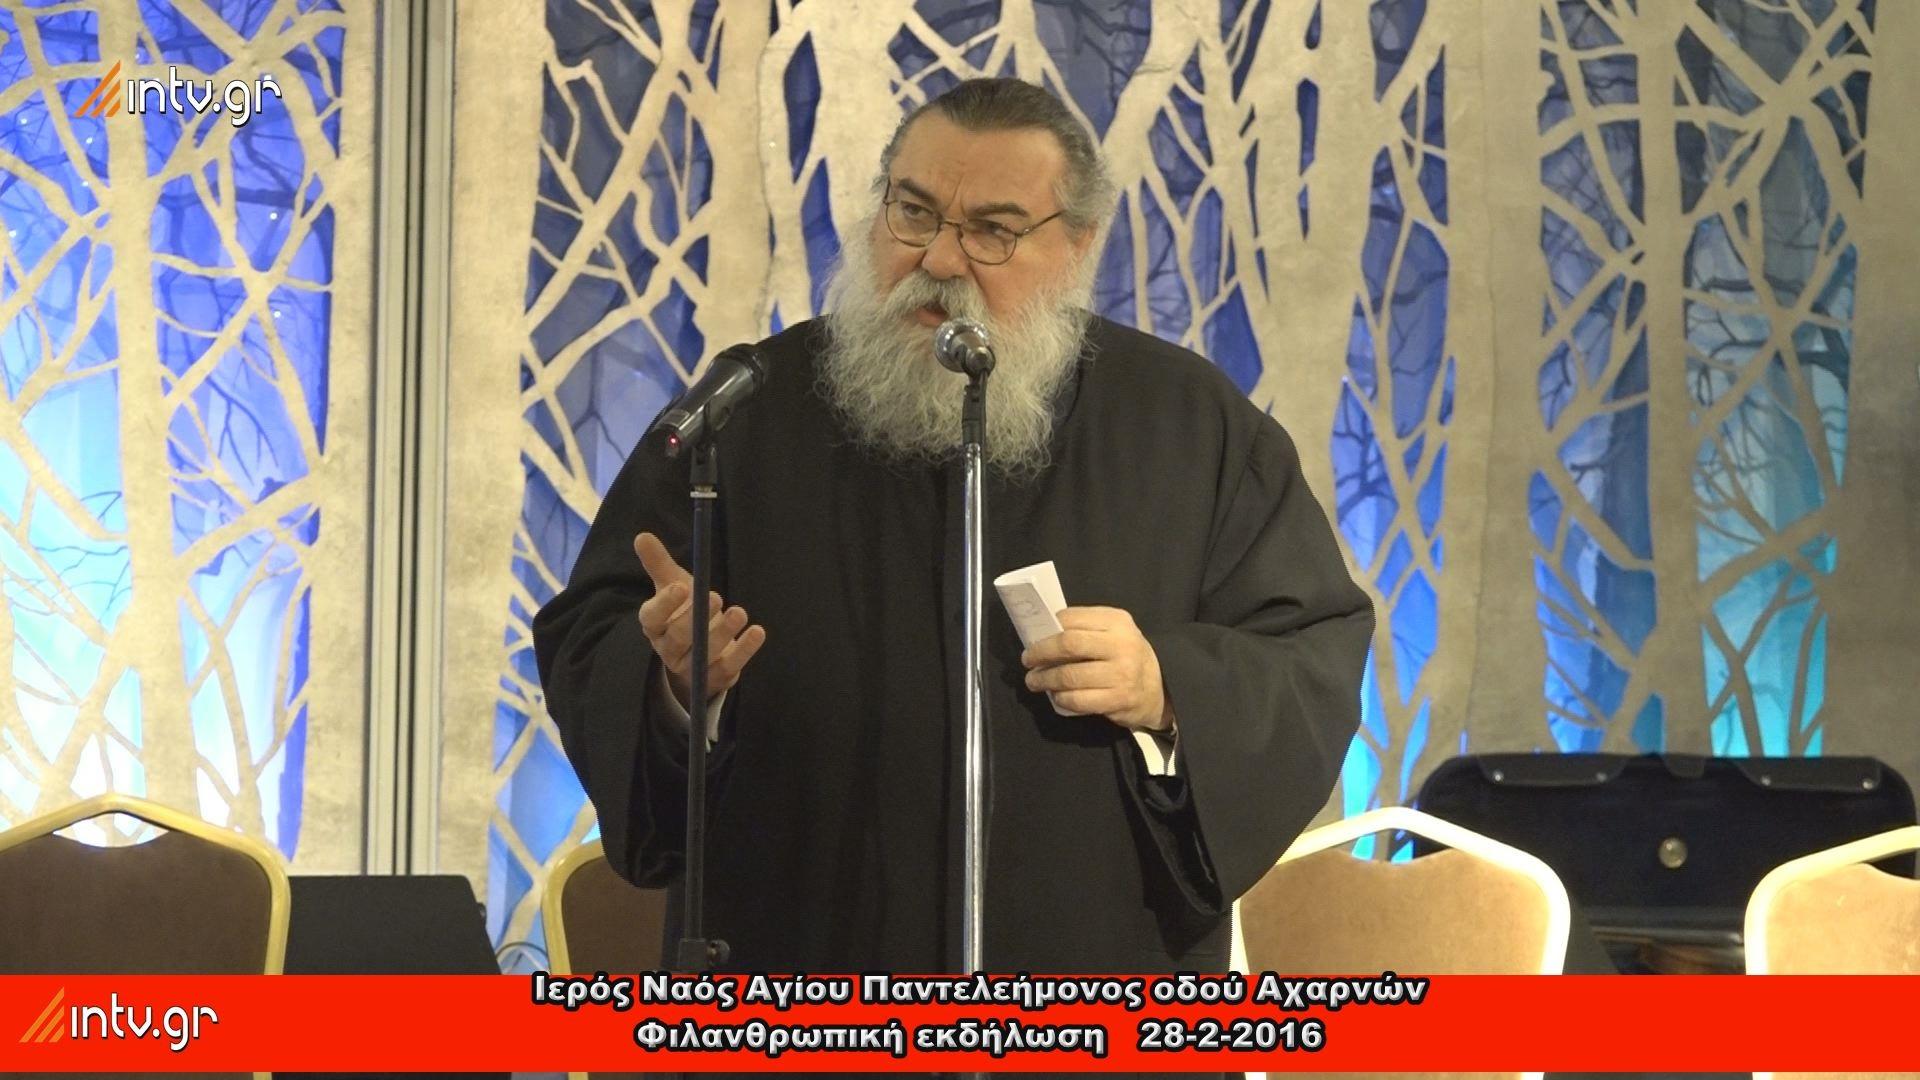 Ιερός Ναός Αγίου Παντελεήμονος οδού Αχαρνών - Φιλανθρωπική εκδήλωση